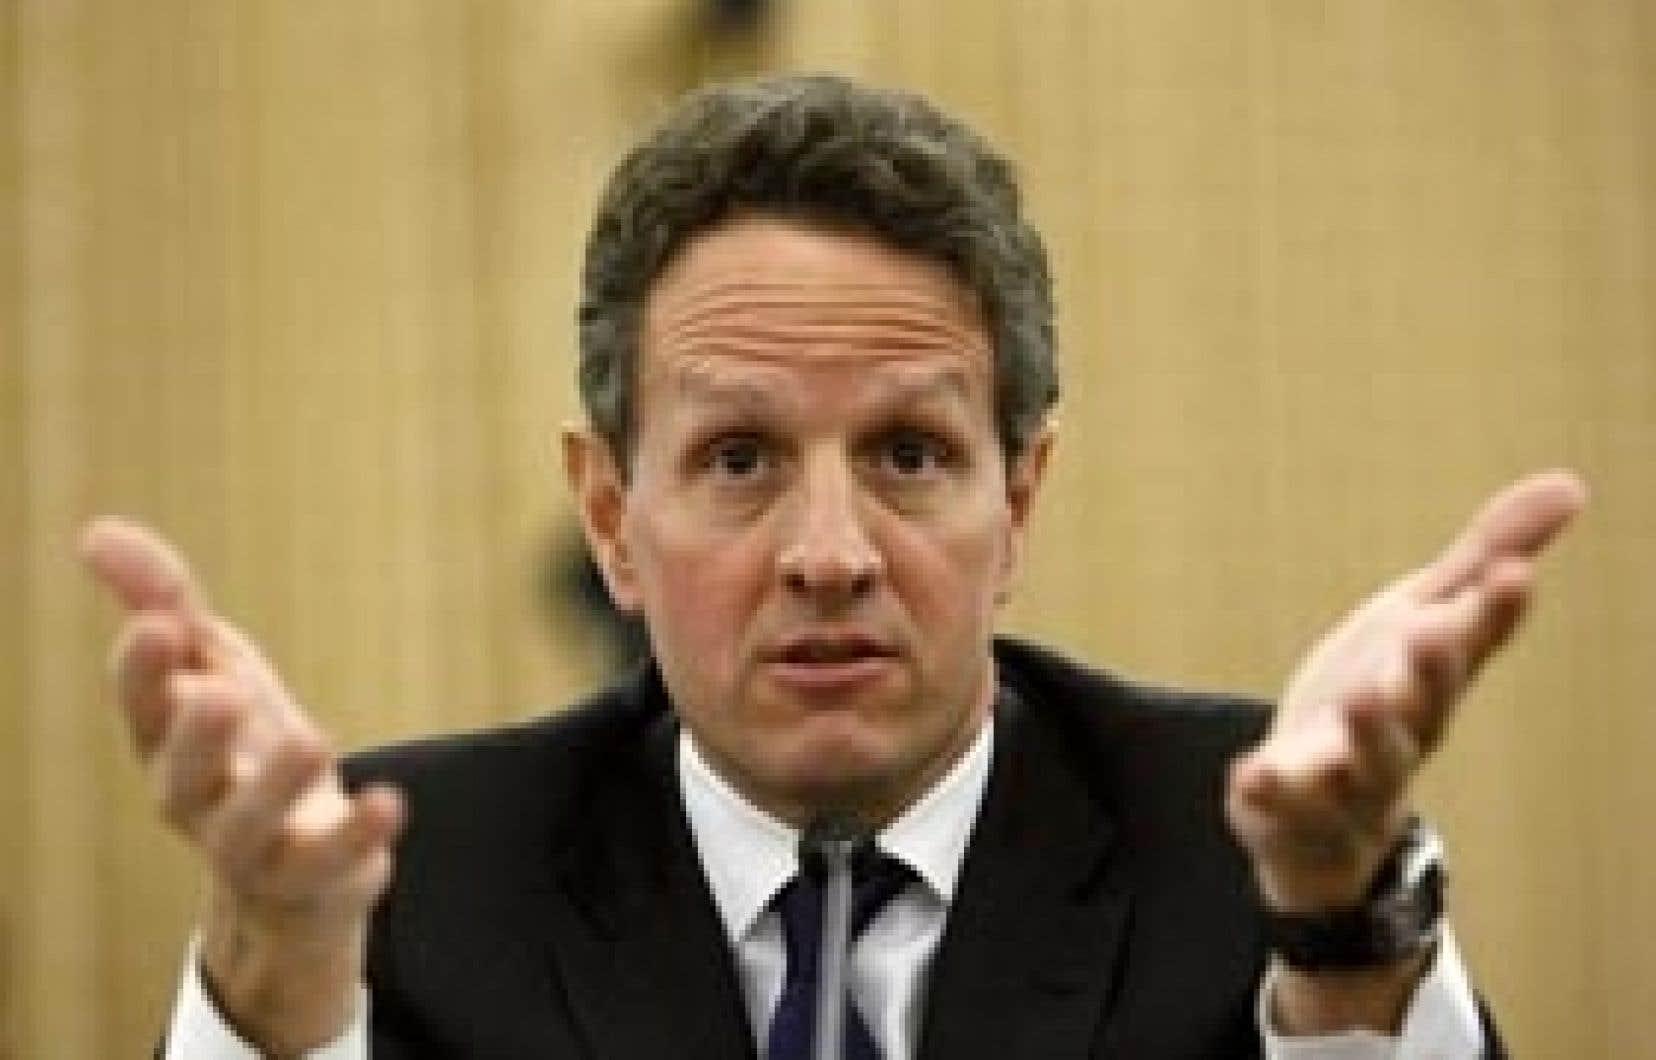 Le secrétaire au Trésor des États-Unis, Timothy Geithner, a précisé que les mesures prévues dans le plan de relance américain «porteront leur effet maximal sur l'économie au second semestre».